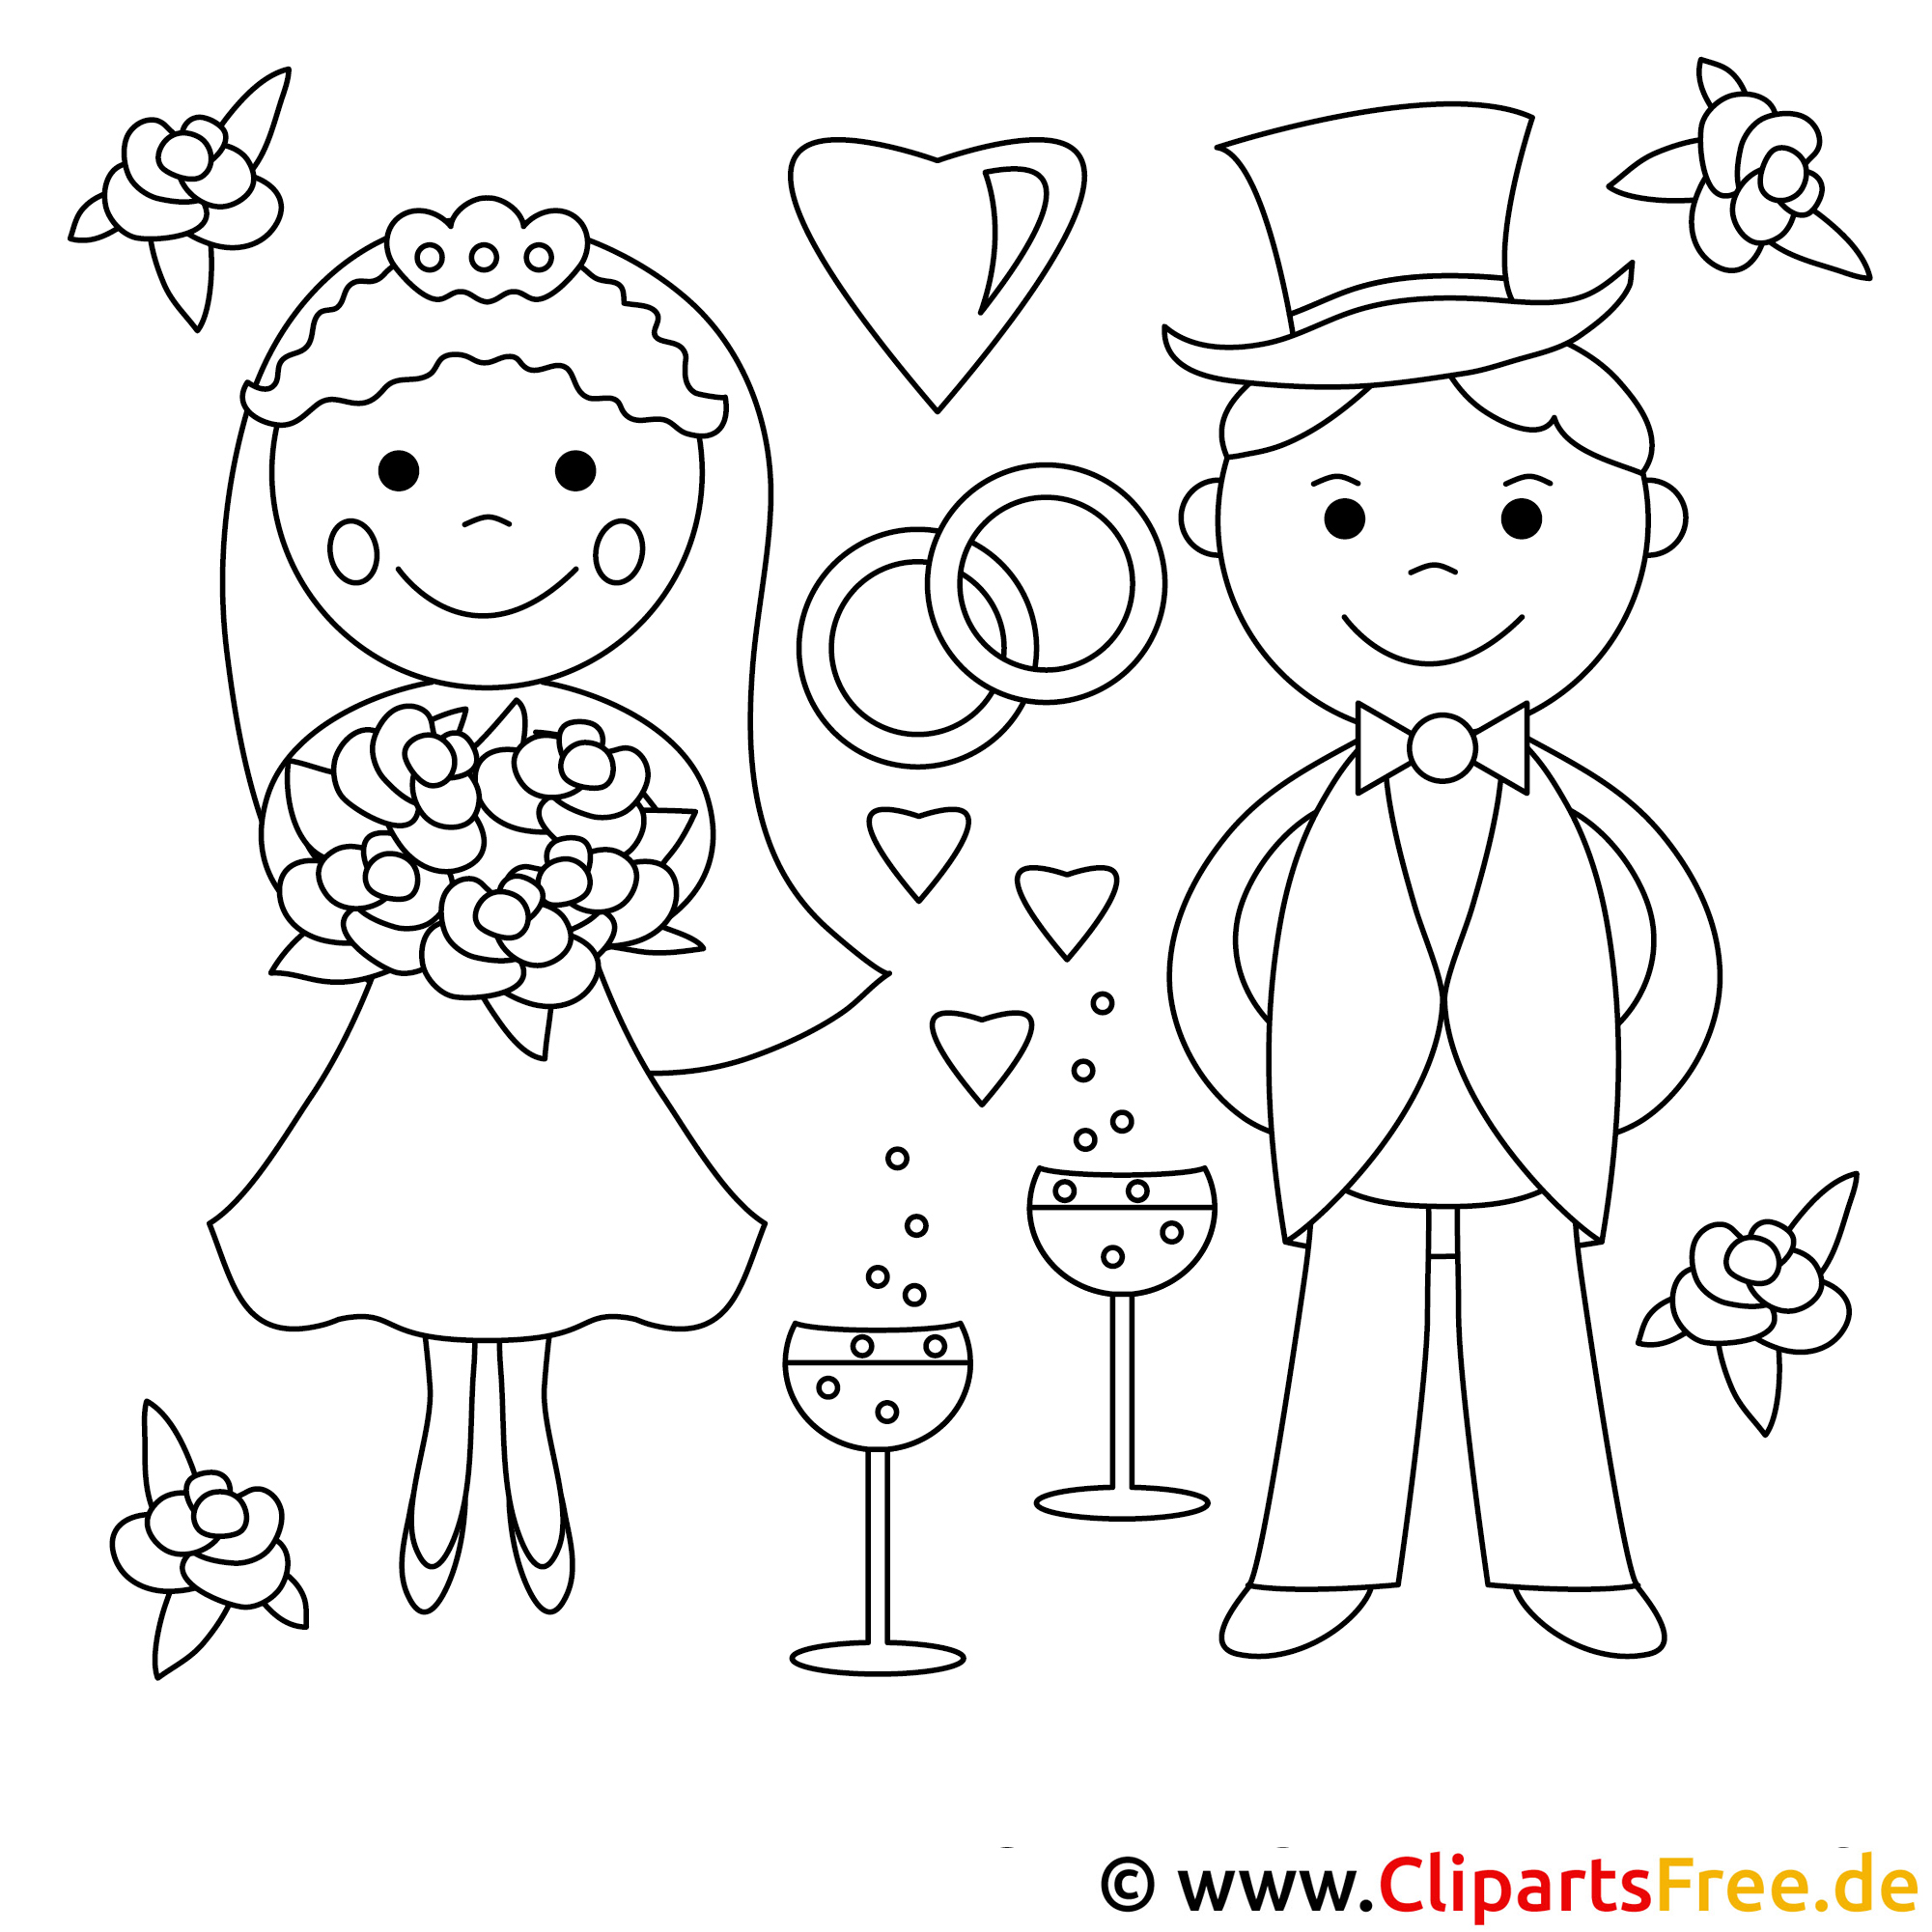 Wunderbar Kostbare Momente Hochzeit Malvorlagen Bilder - Malvorlagen ...